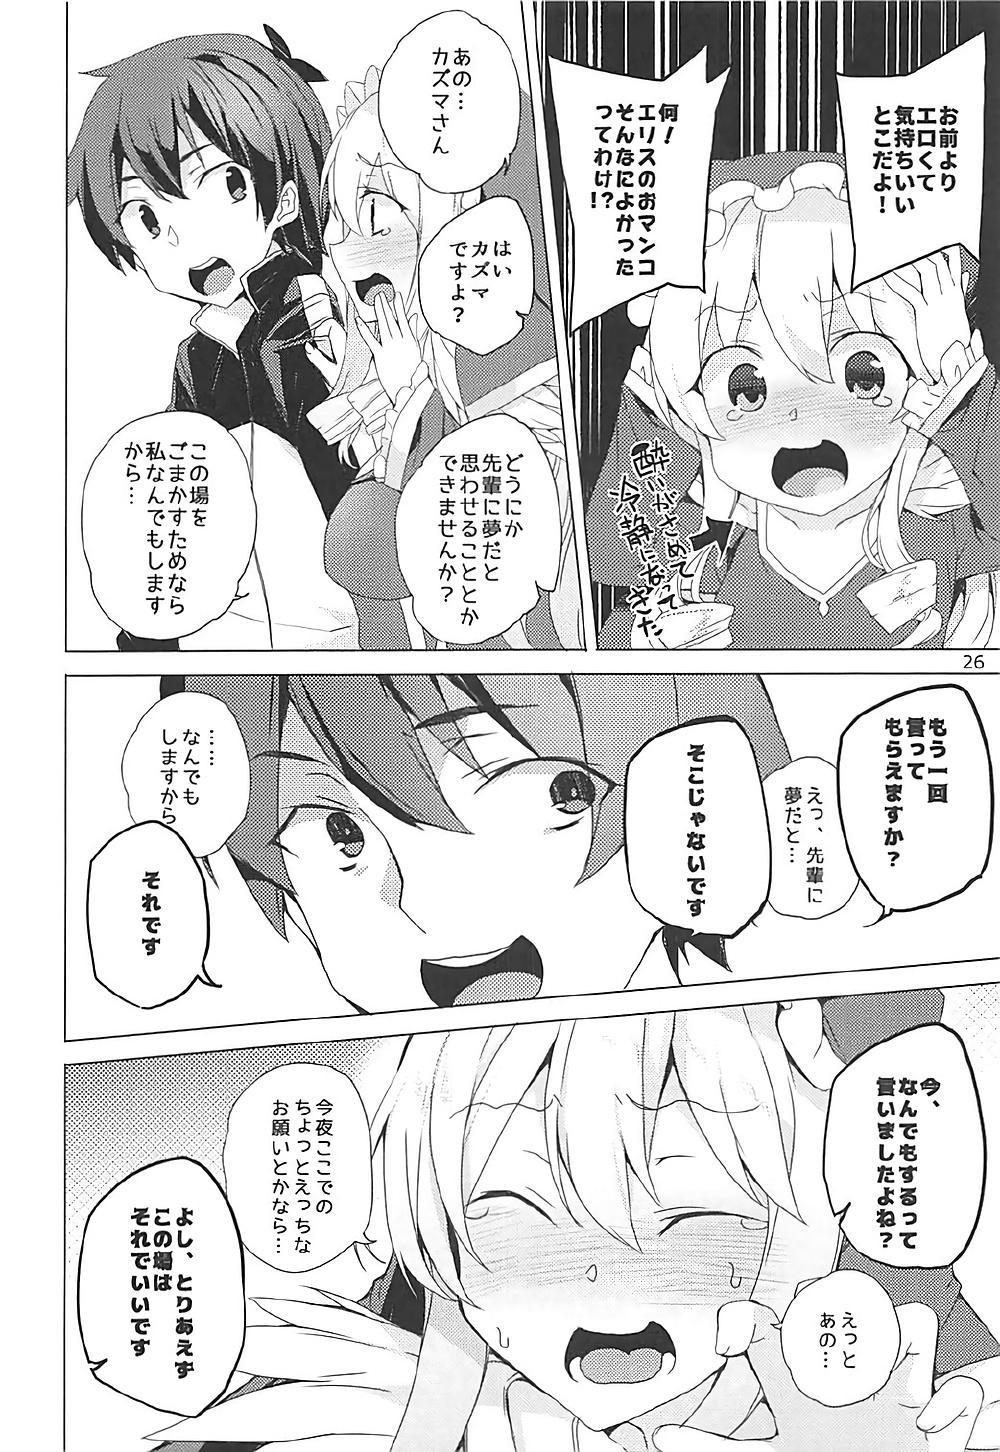 Kono Subarashii Megami-tachi to 3P o! 22